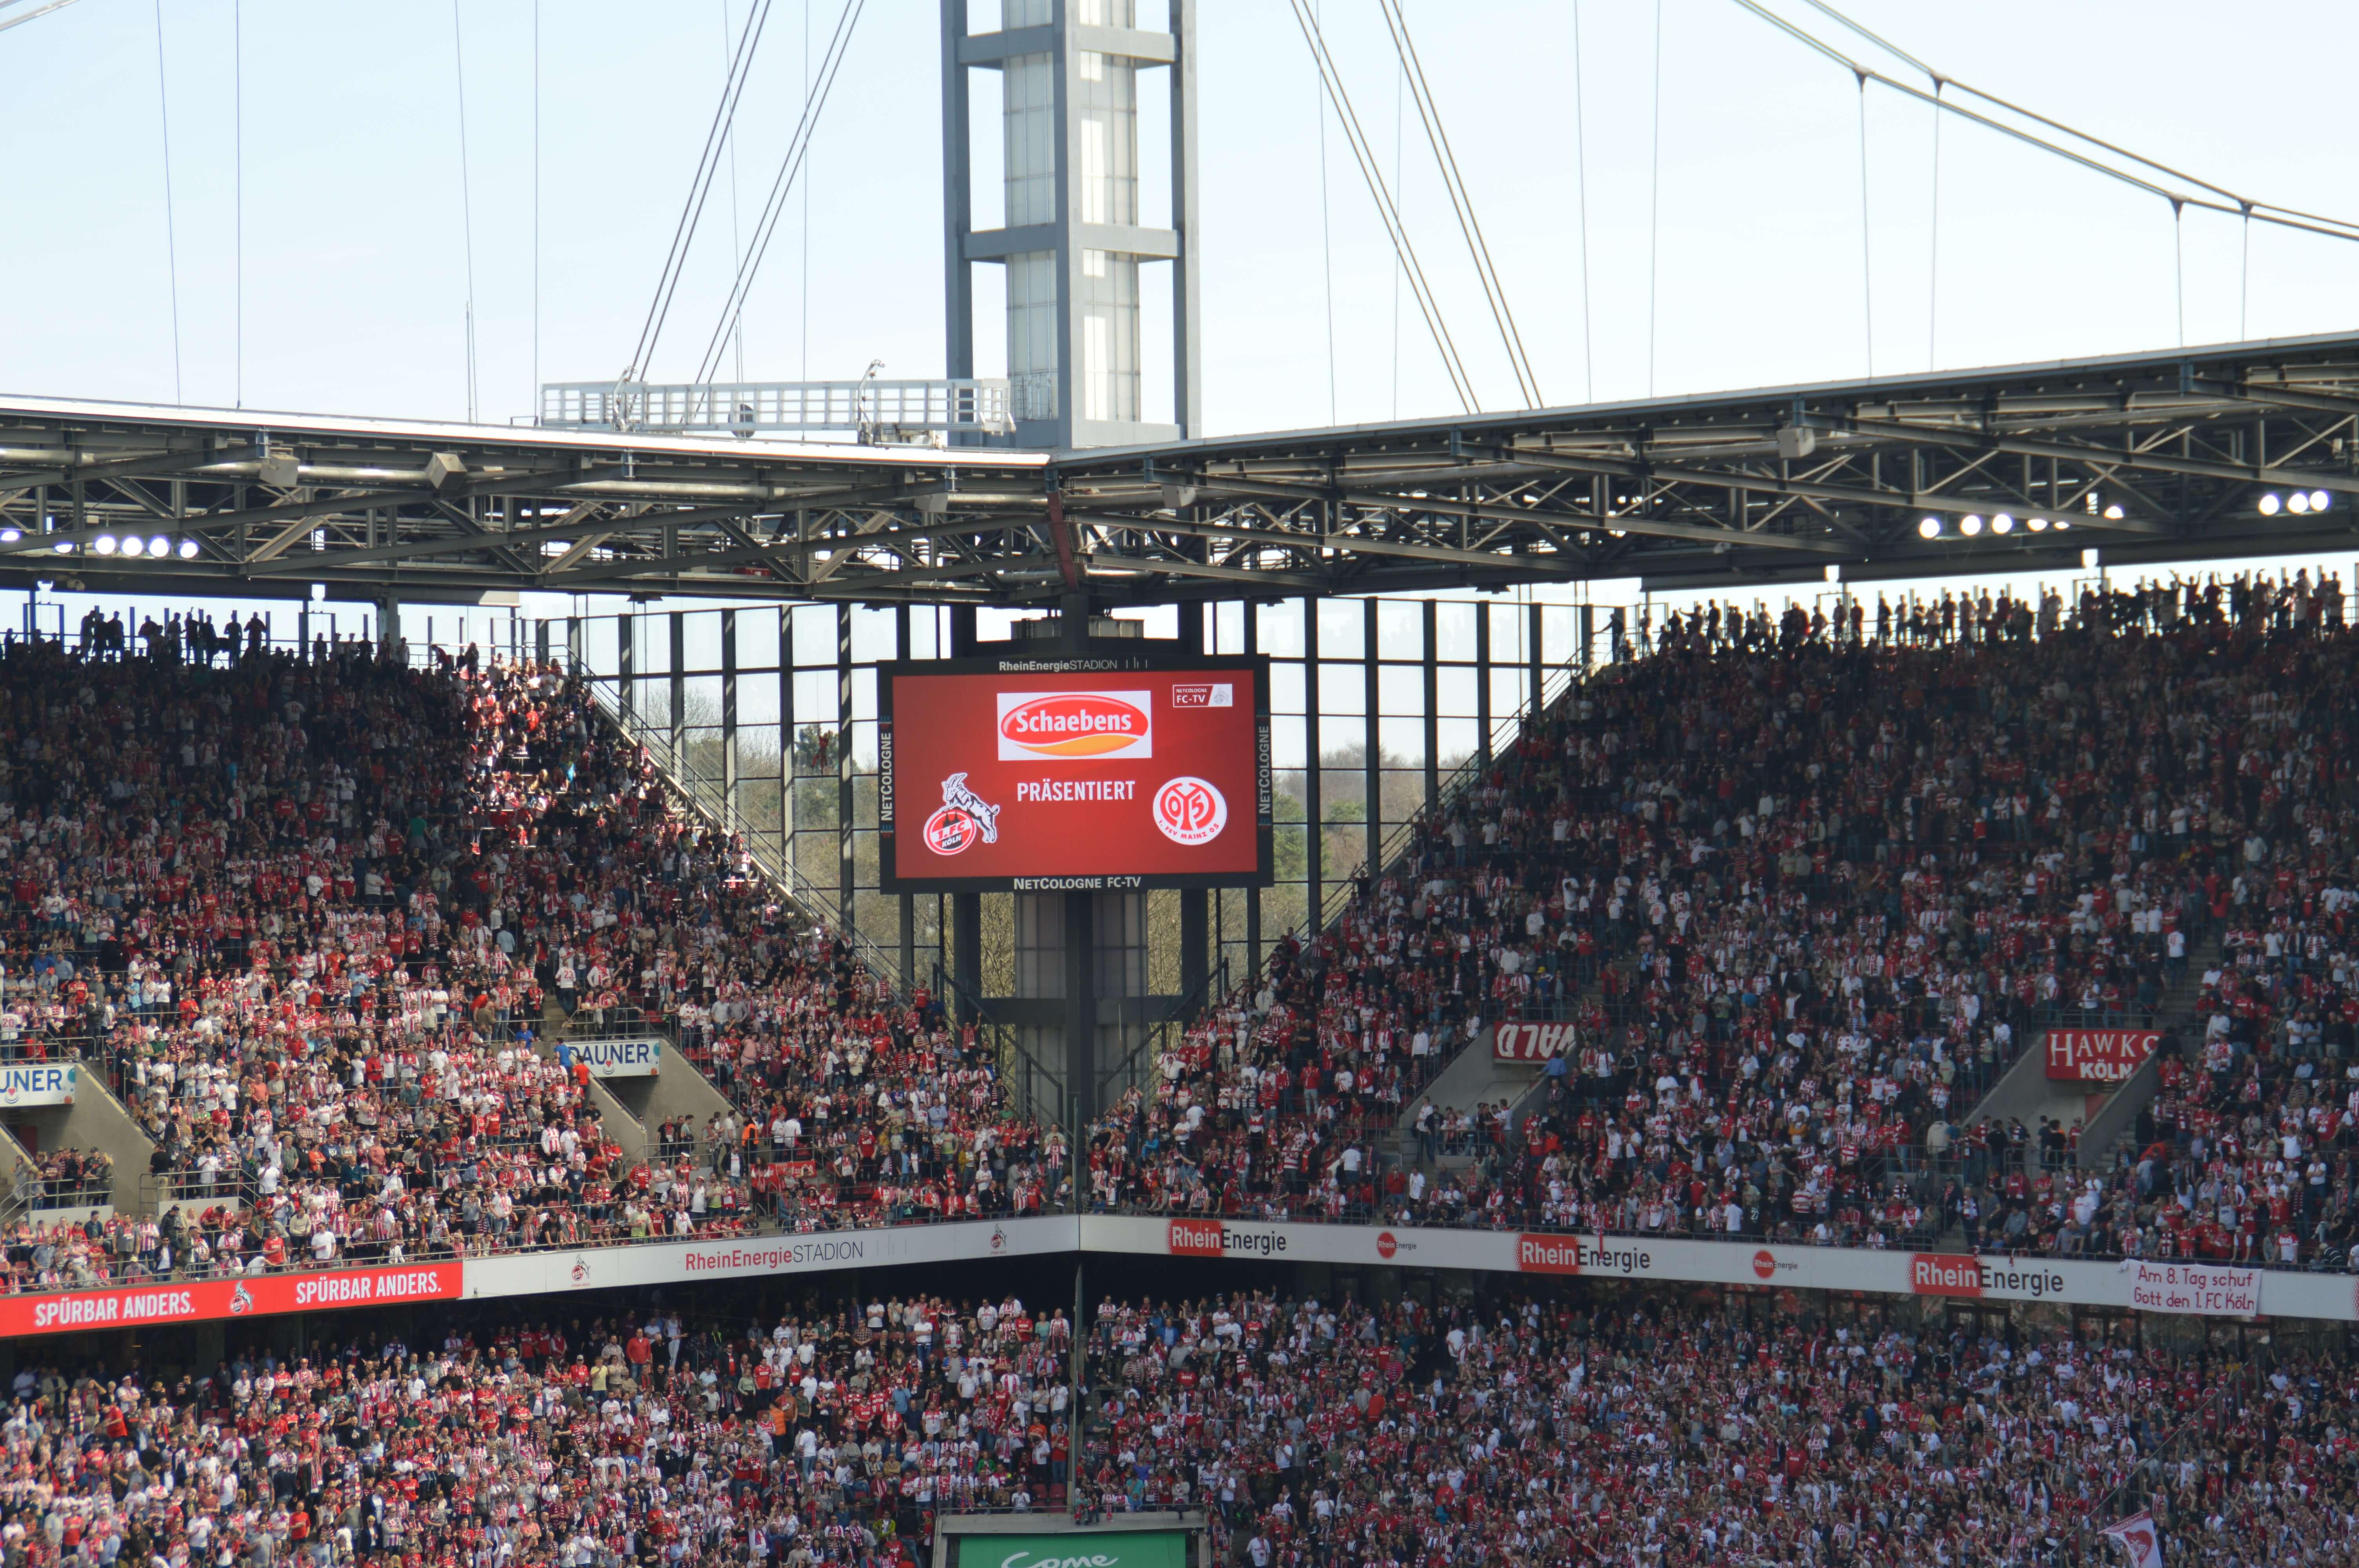 fc-rheinenergiestadion-frauenfußball-schaebens-partner des tages-sponsoring-fc trikot